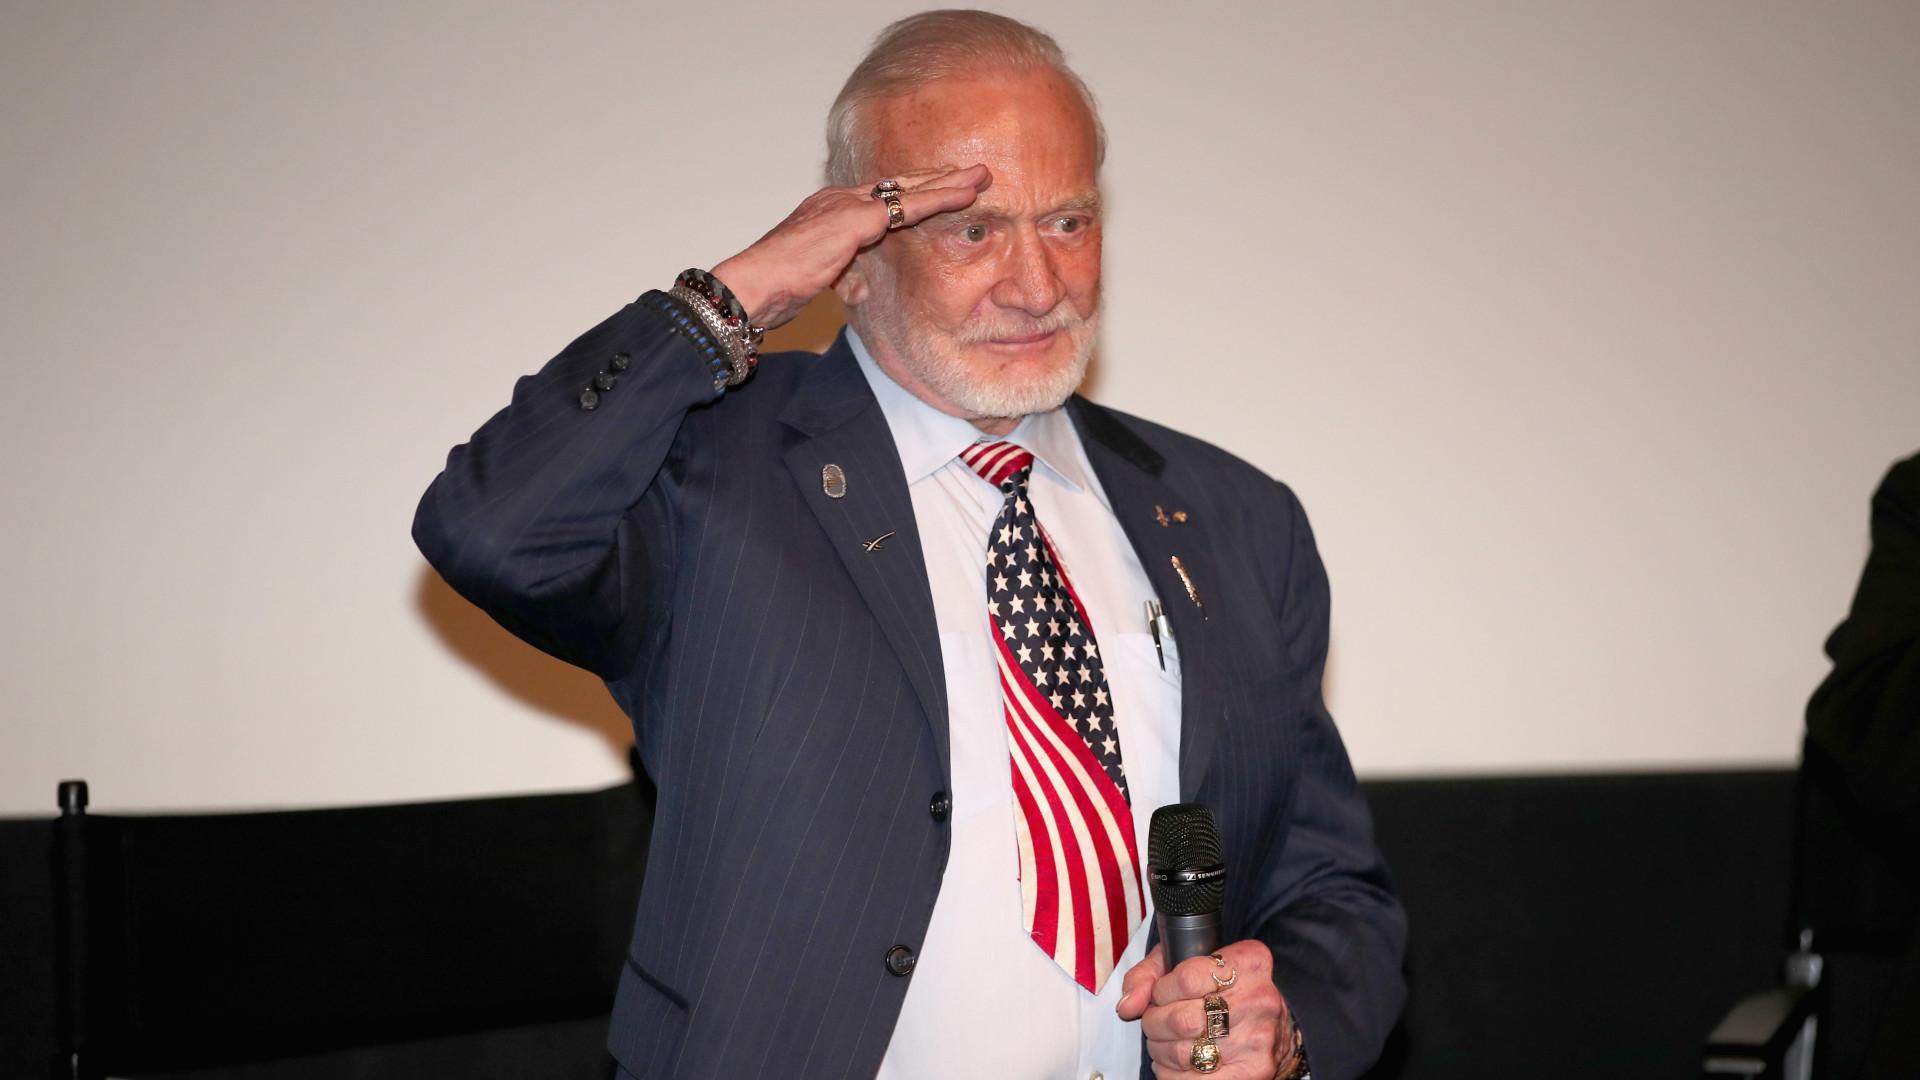 Força Espacial de Trump tem apoio de um dos primeiros homens na Lua